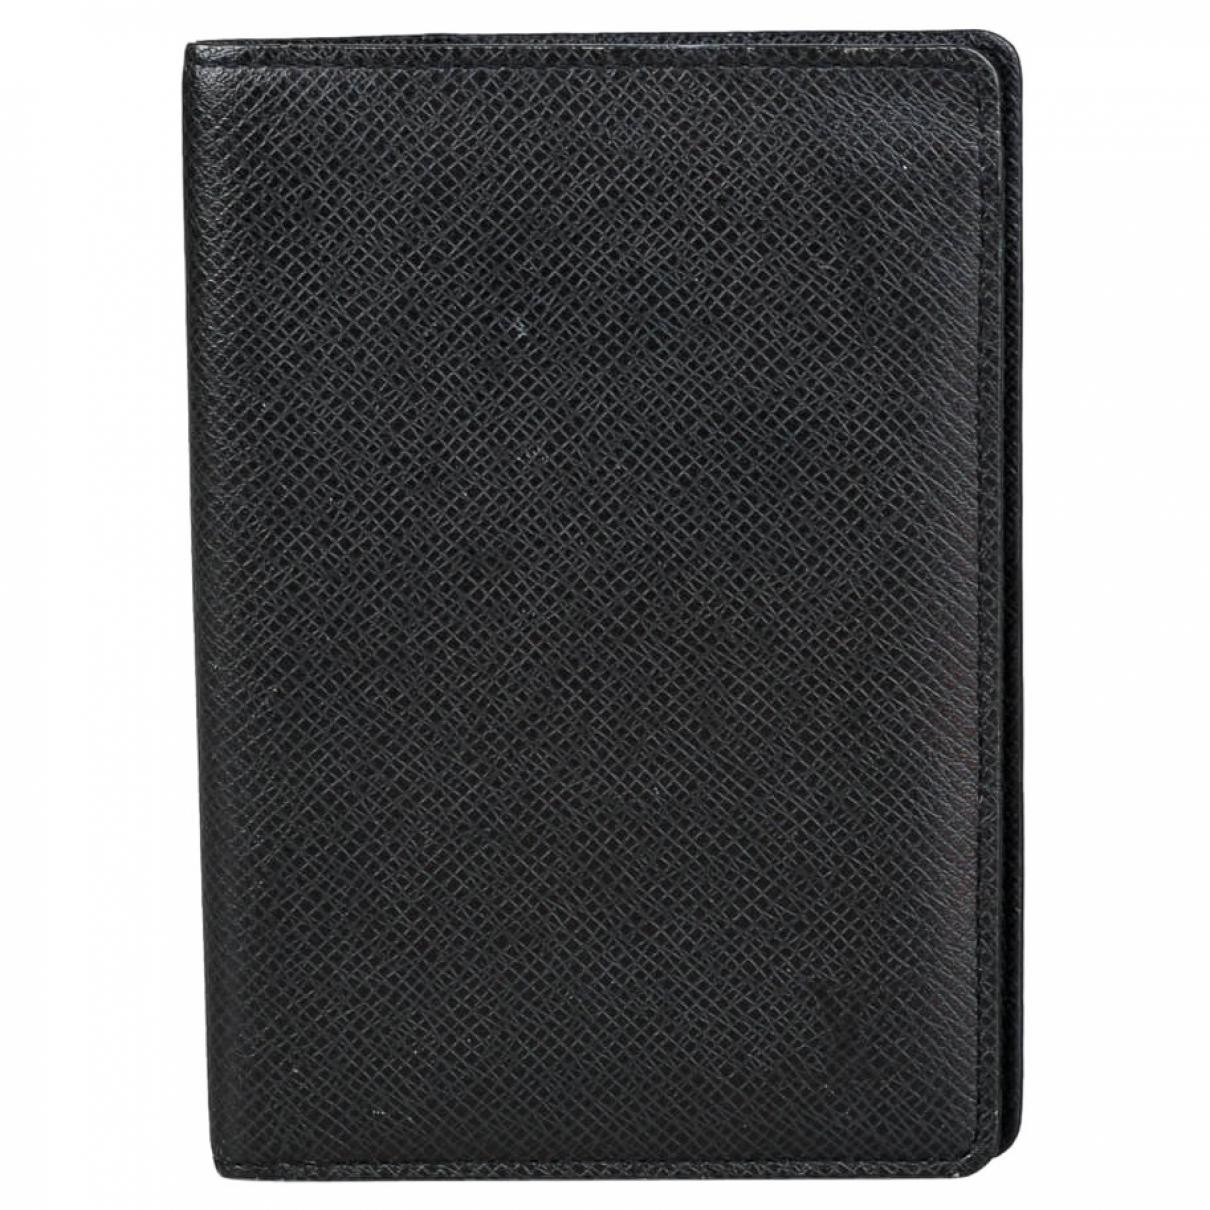 Louis Vuitton Pocket Organizer Kleinlederwaren in  Schwarz Leder